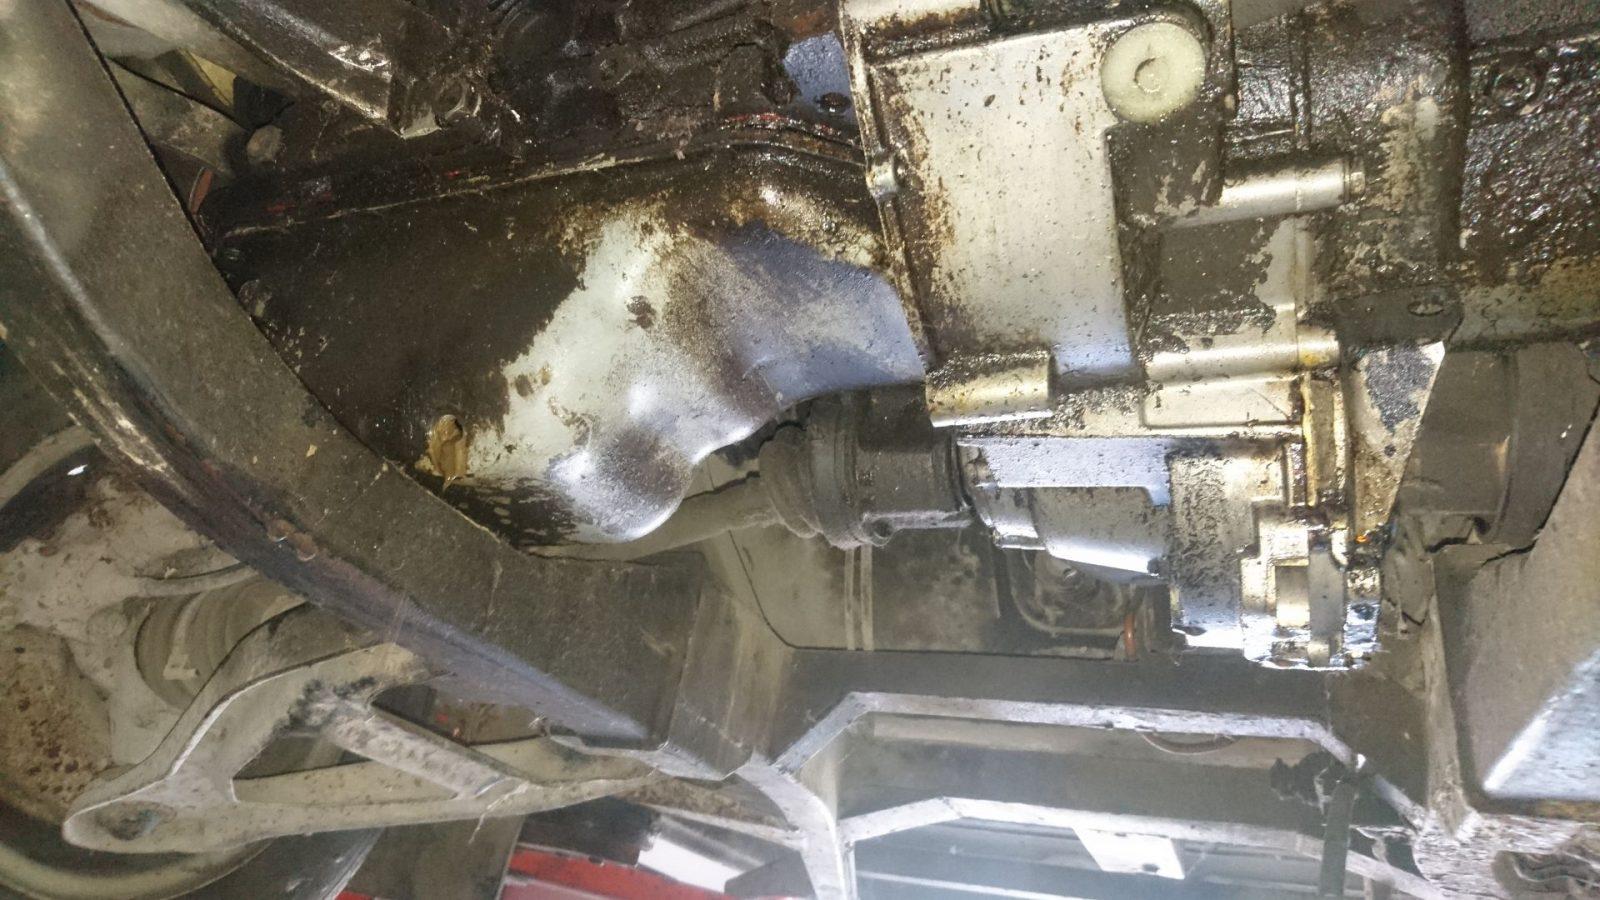 Auf der Hebebühne. Eigentlich wollten wir ja nur das Motoröl ablassen, es kam jedoch ein dicker Schwall Kühlwasser-Motoröl-Gemisch. Da hatte sich wohl zu guter Letzt die Zylinderkopfdichtung verabschiedet.